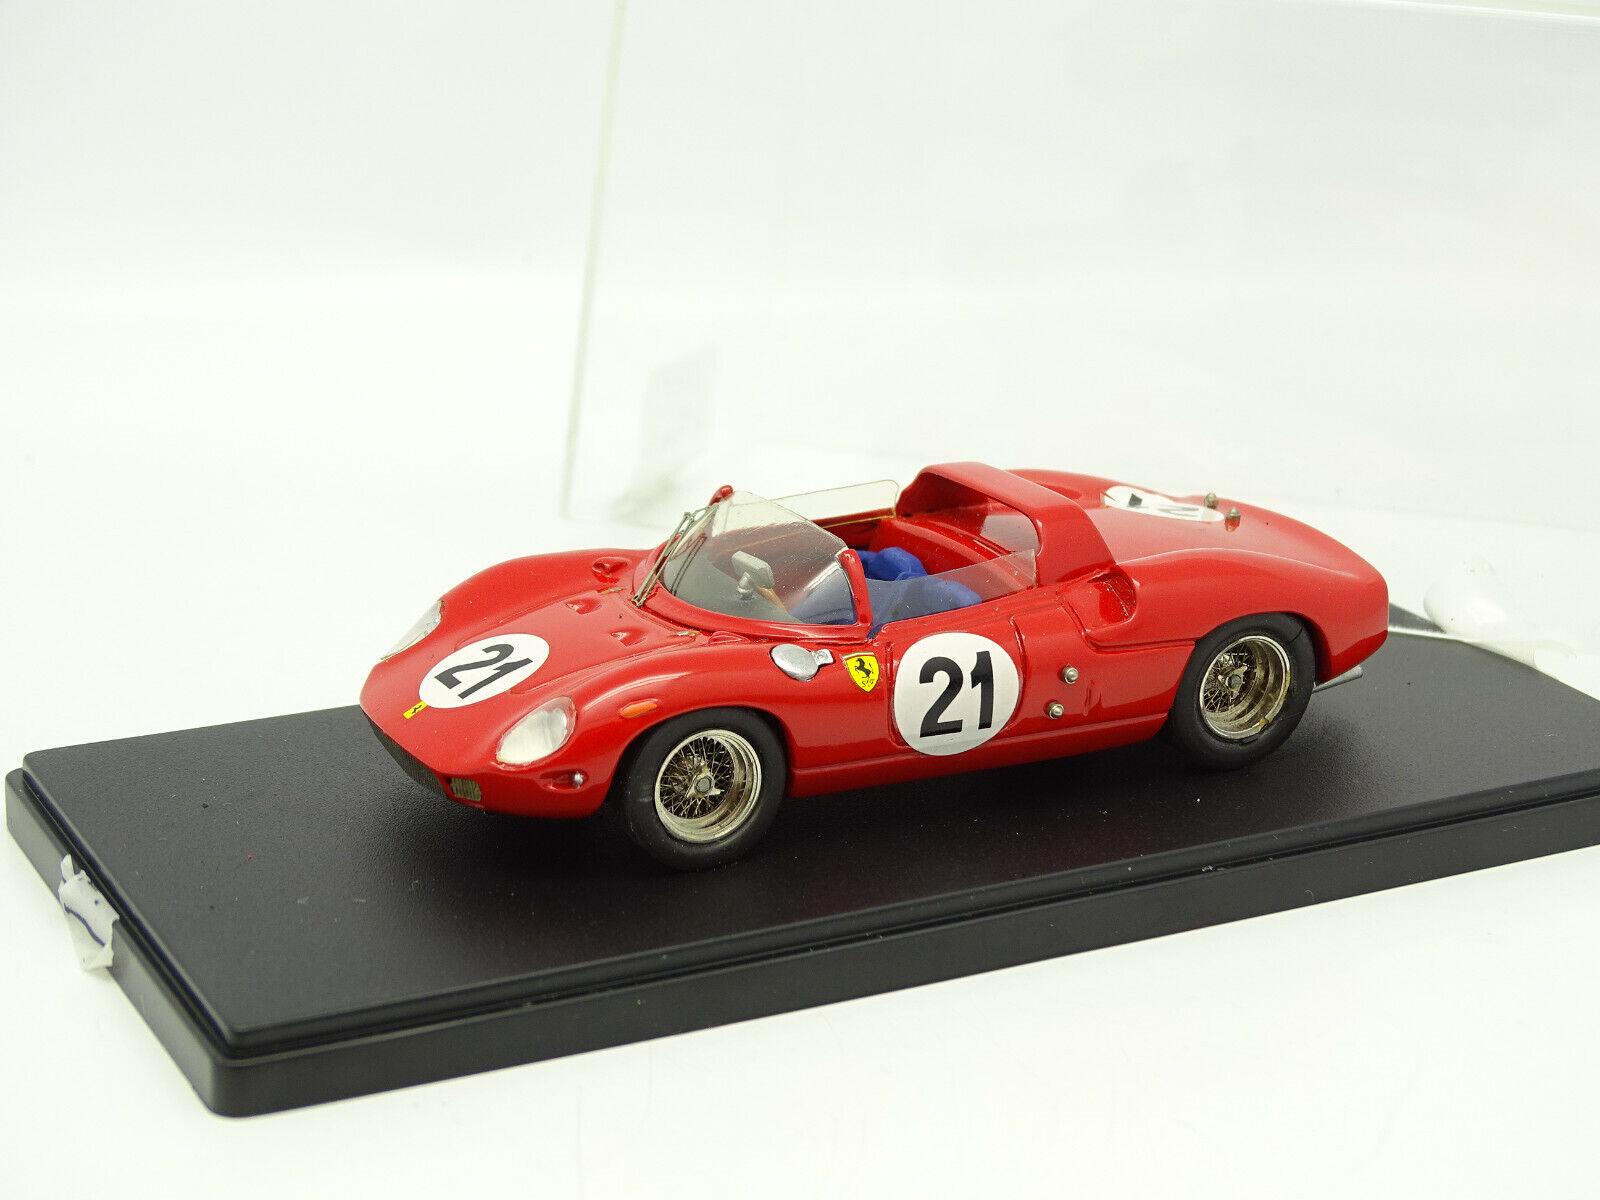 AMR Bam Kit Montado 1 43 - Ferrari 250P Winner Le Mans 1963 N º 21